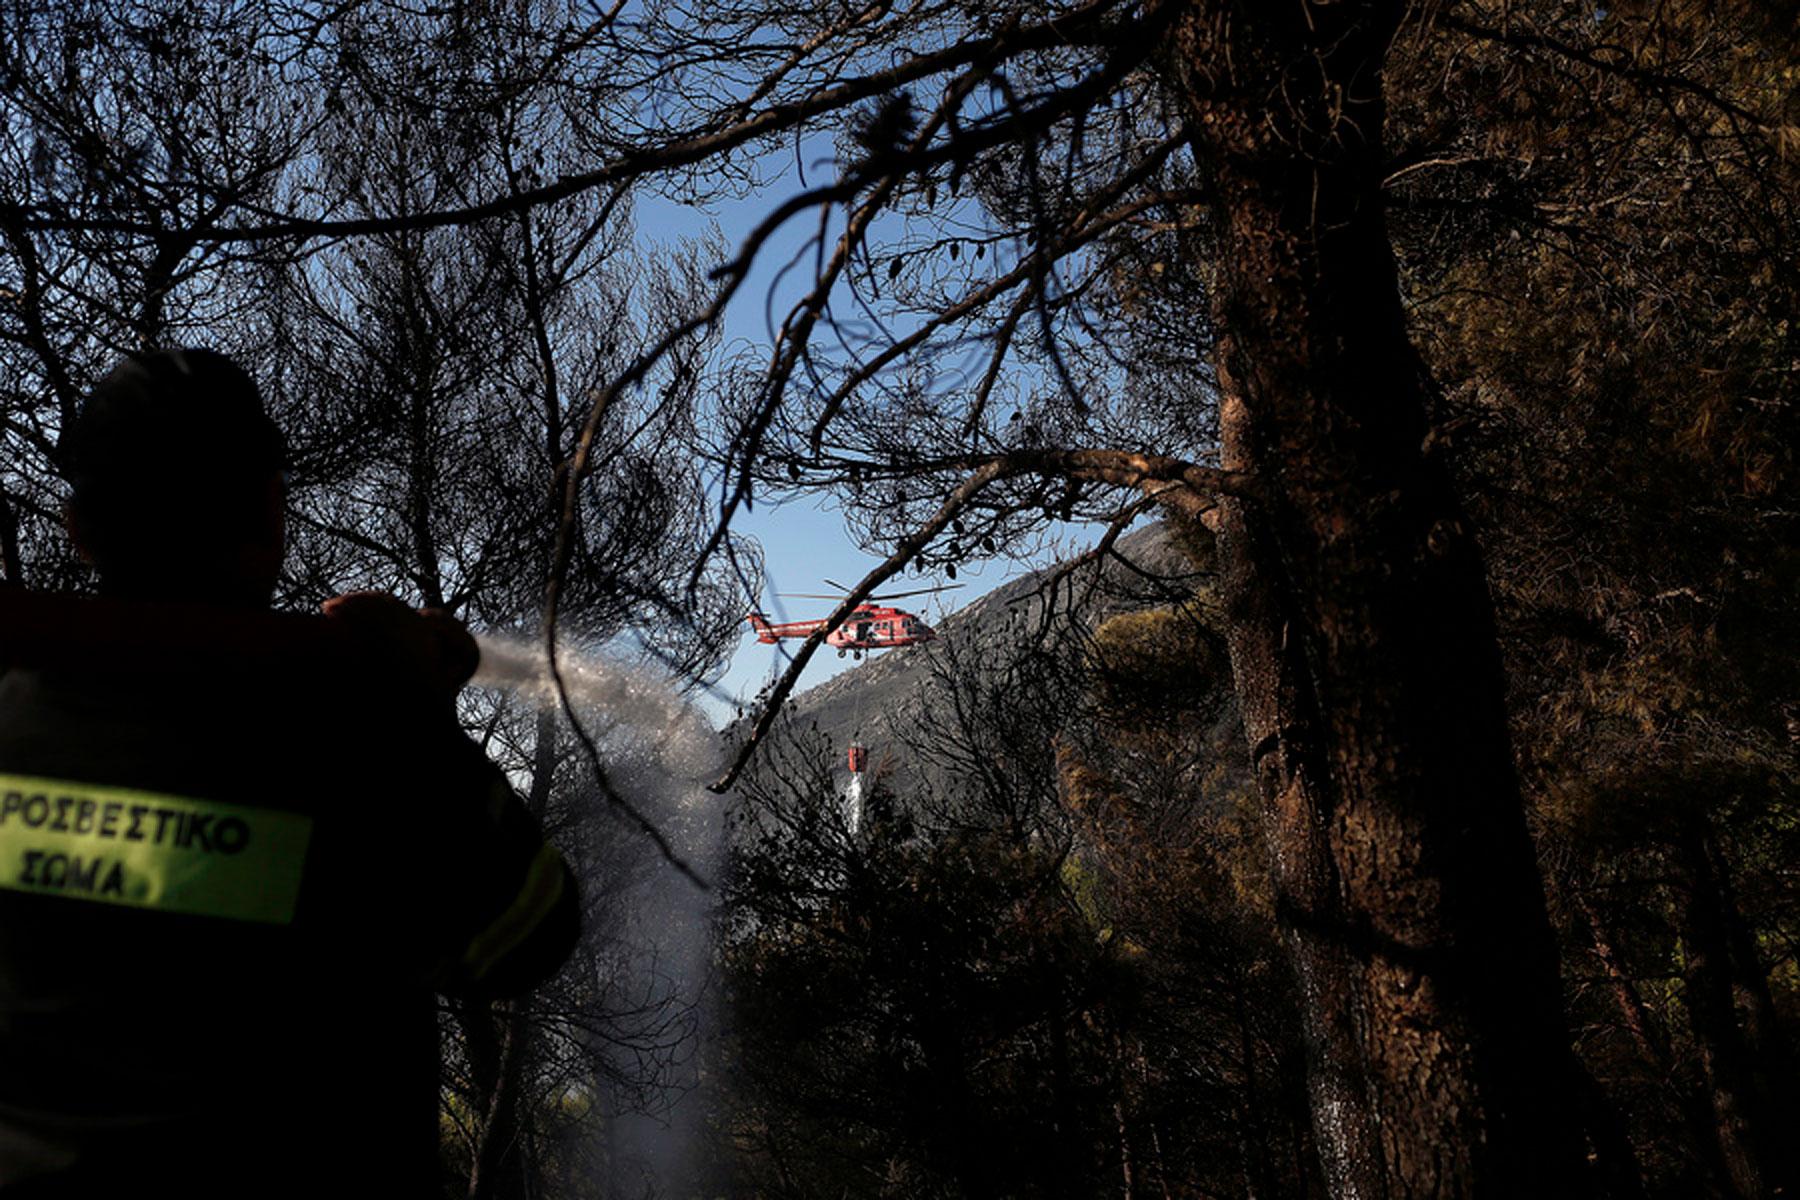 Φλόγες 20 μέτρων και δραματικές στιγμές από τη φωτιά στον Υμηττό! Διάσπαρτες εστίες, δεν υπάρχει ενεργό μέτωπο, δεν κινδυνεύει η Καισαριανή